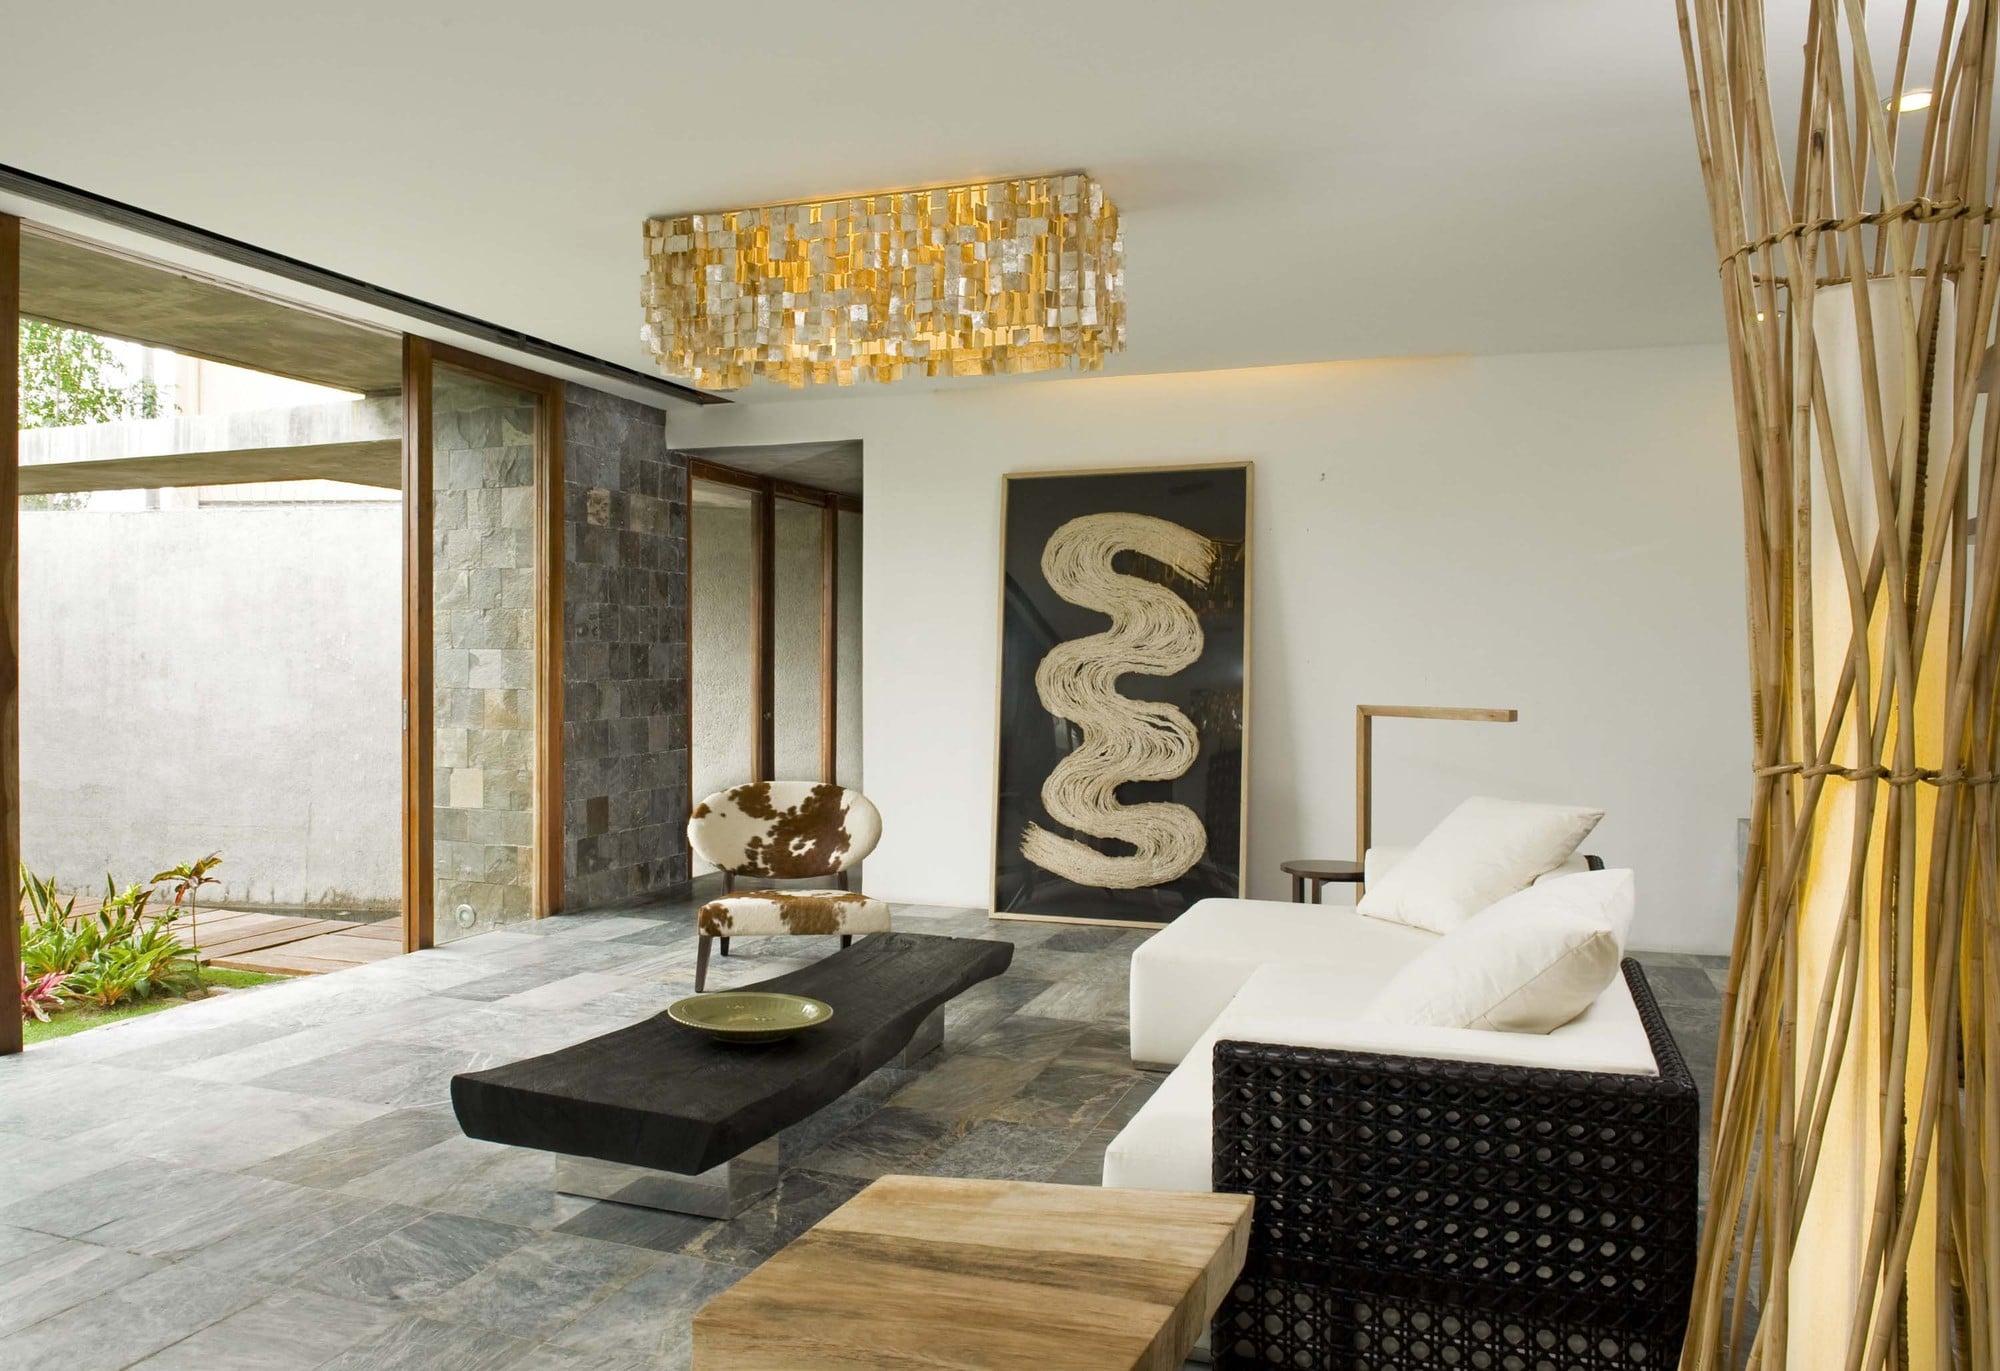 decoracion de interiores living rustico : decoracion de interiores living rustico:Interiores De Casas Rusticas